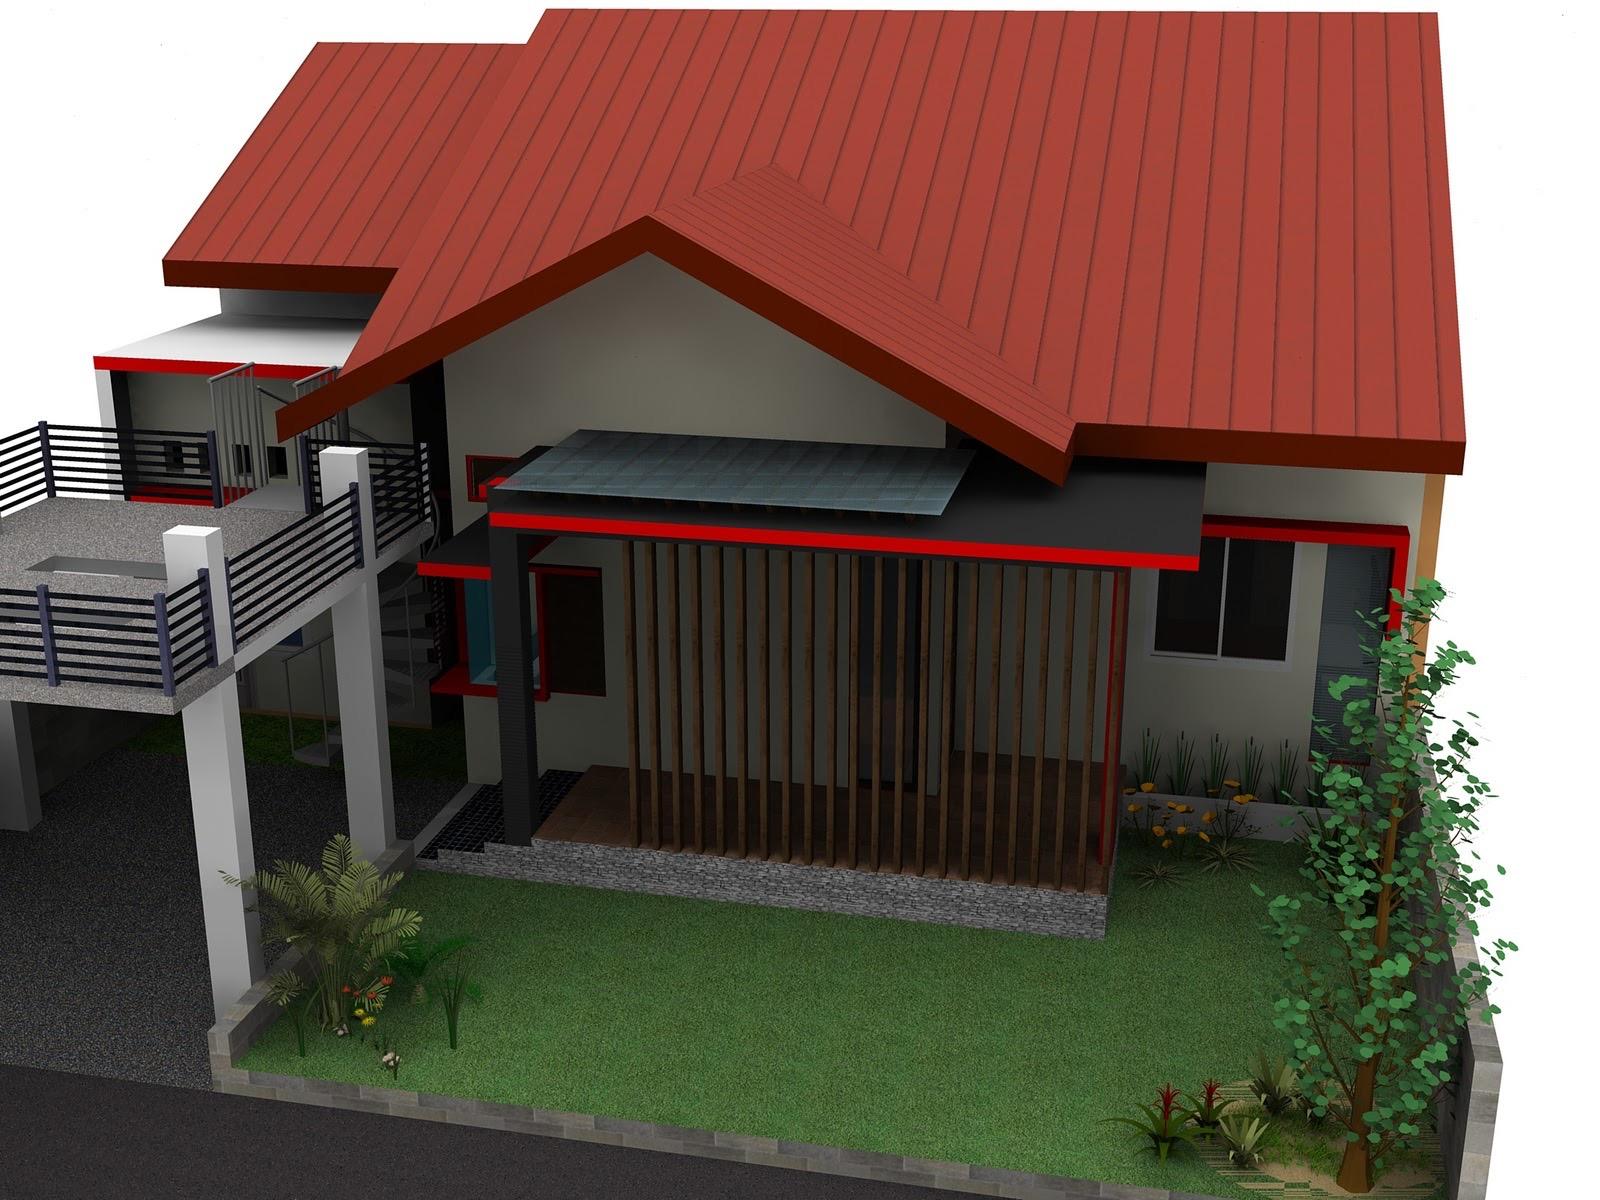 Desain Rumah Minimalis Bapak Mahmud Arsitek Medan RAFT Origin